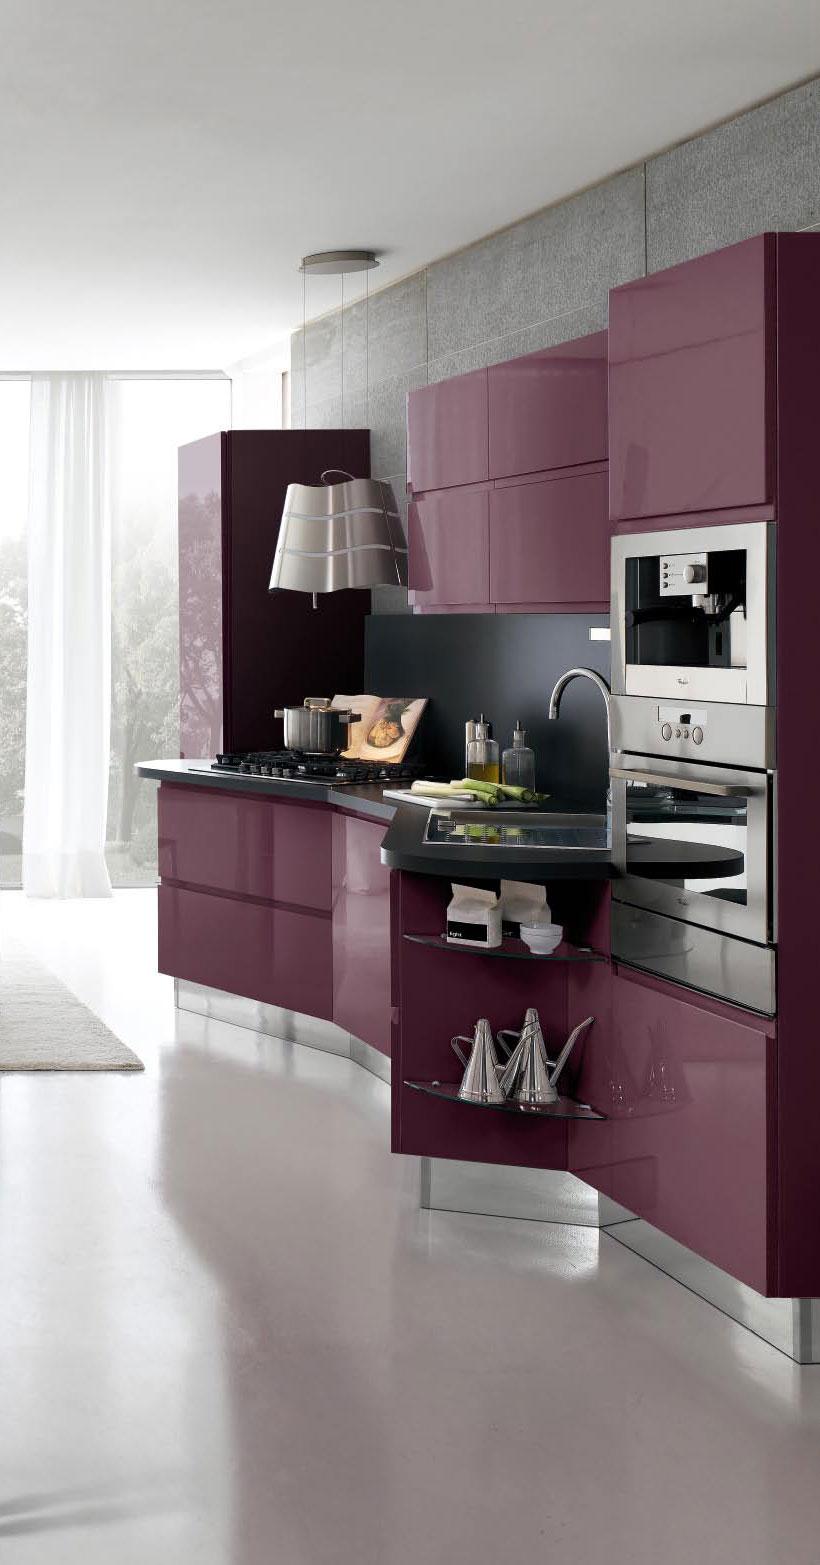 kitchen cabinets modern kitchen design modern kitchen design ideas home designs latest modern home kitchen cabinet designs ideas